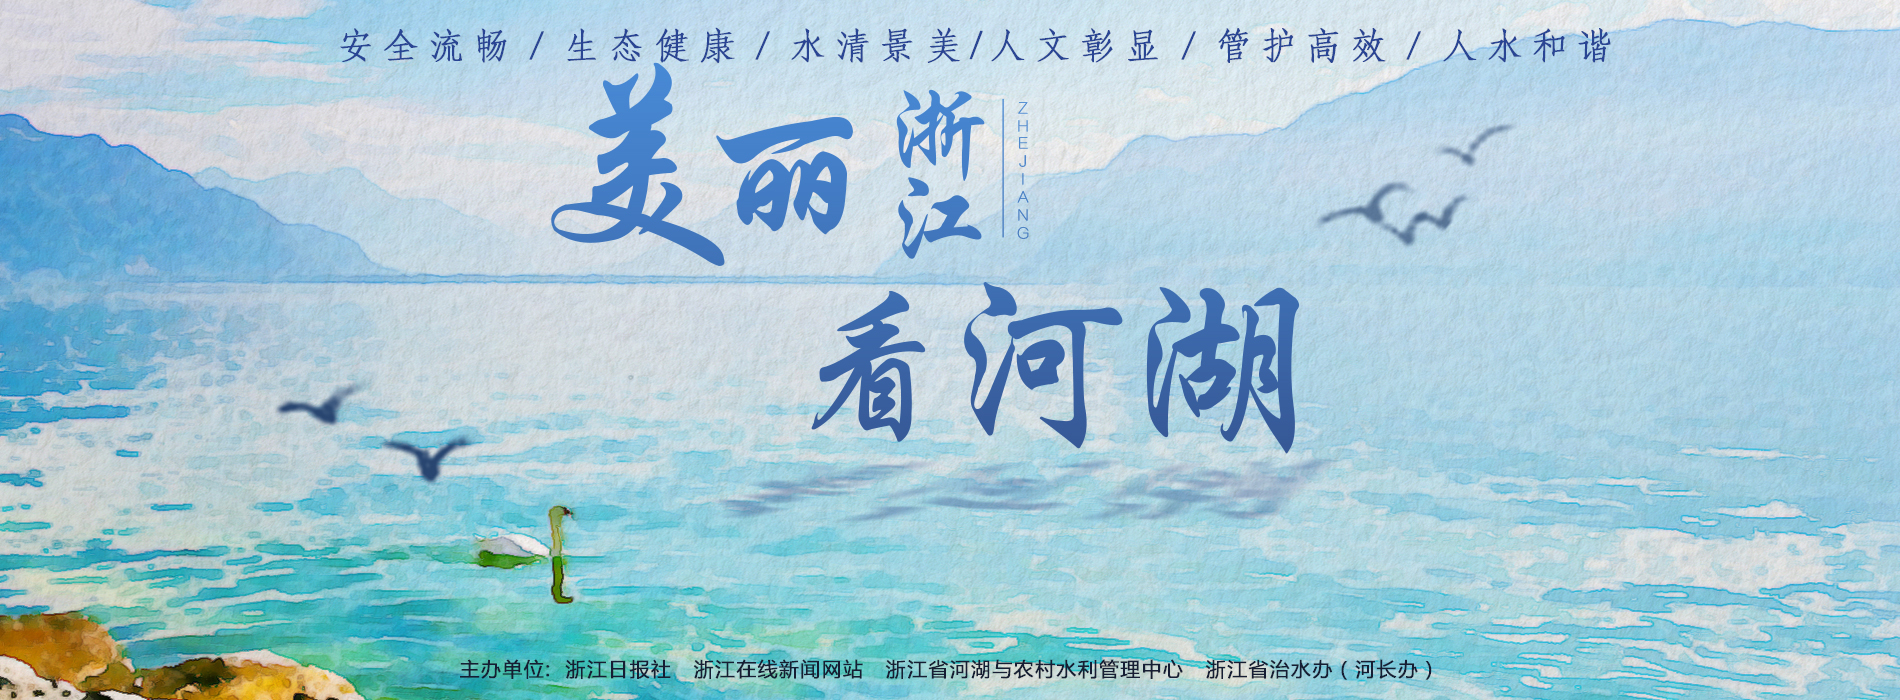 美麗浙江看河湖(海寧篇)